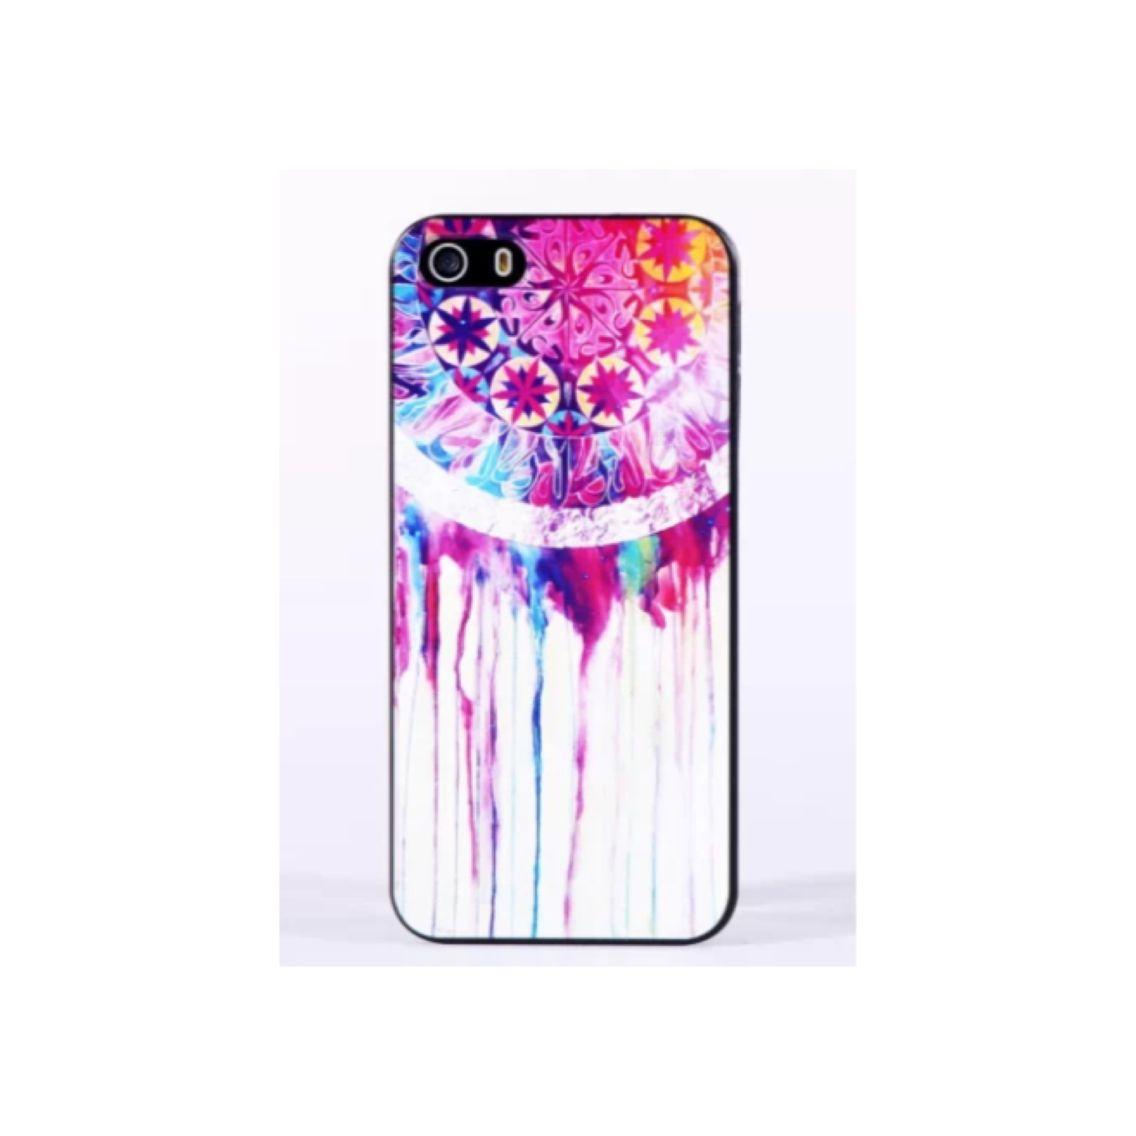 Aztec tribal iphone 5c case iphone 5c cases iphone 5c